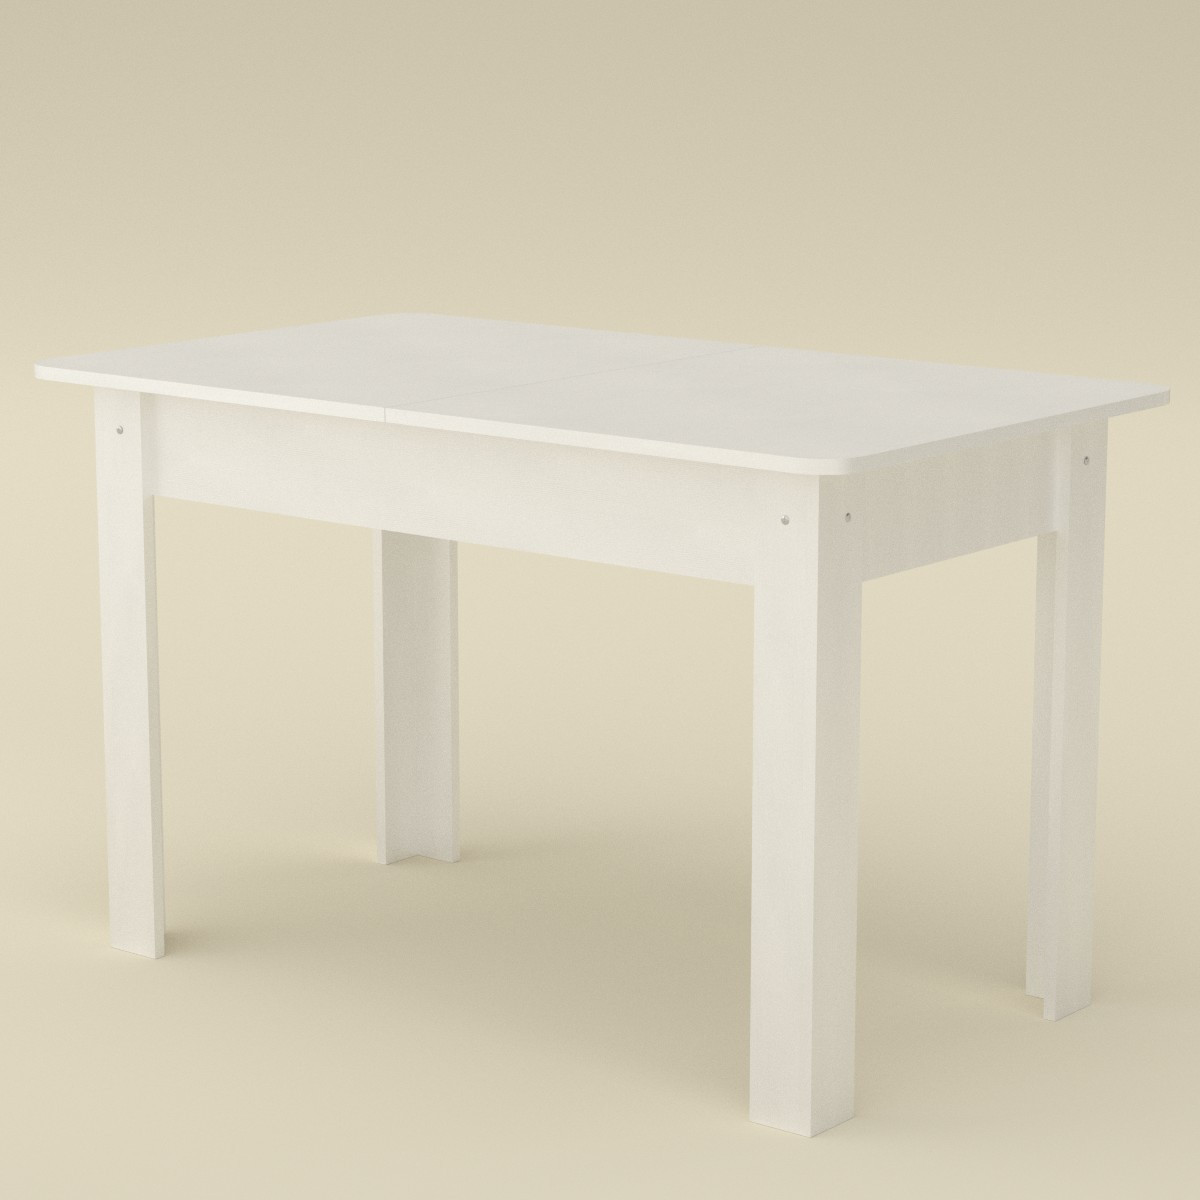 Кухонный стол КС-5 (раскладной стол) альба